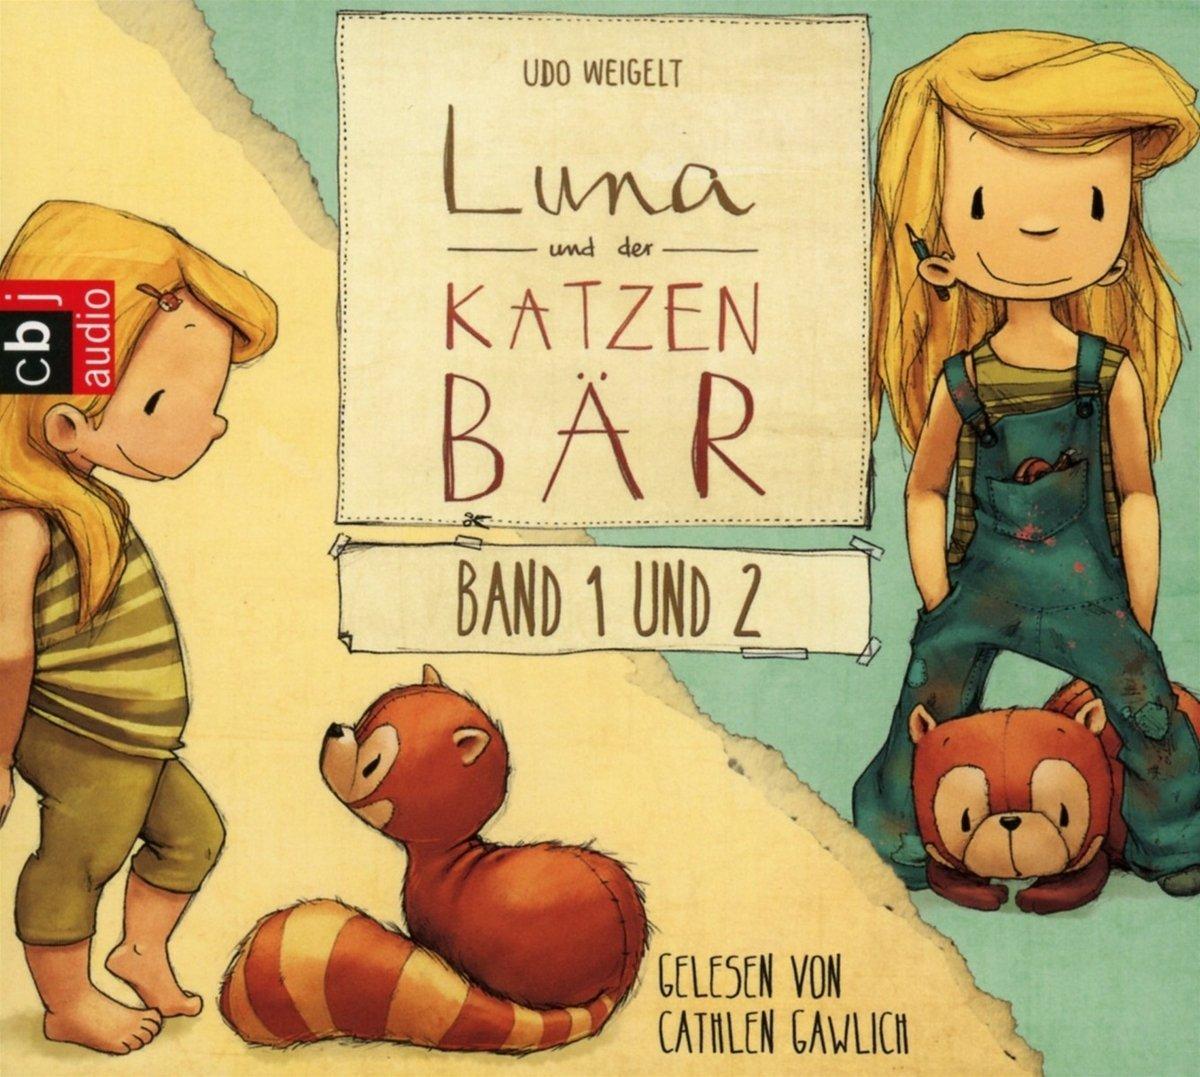 Rezension: Luna und der Katzenbär Band 1 & 2